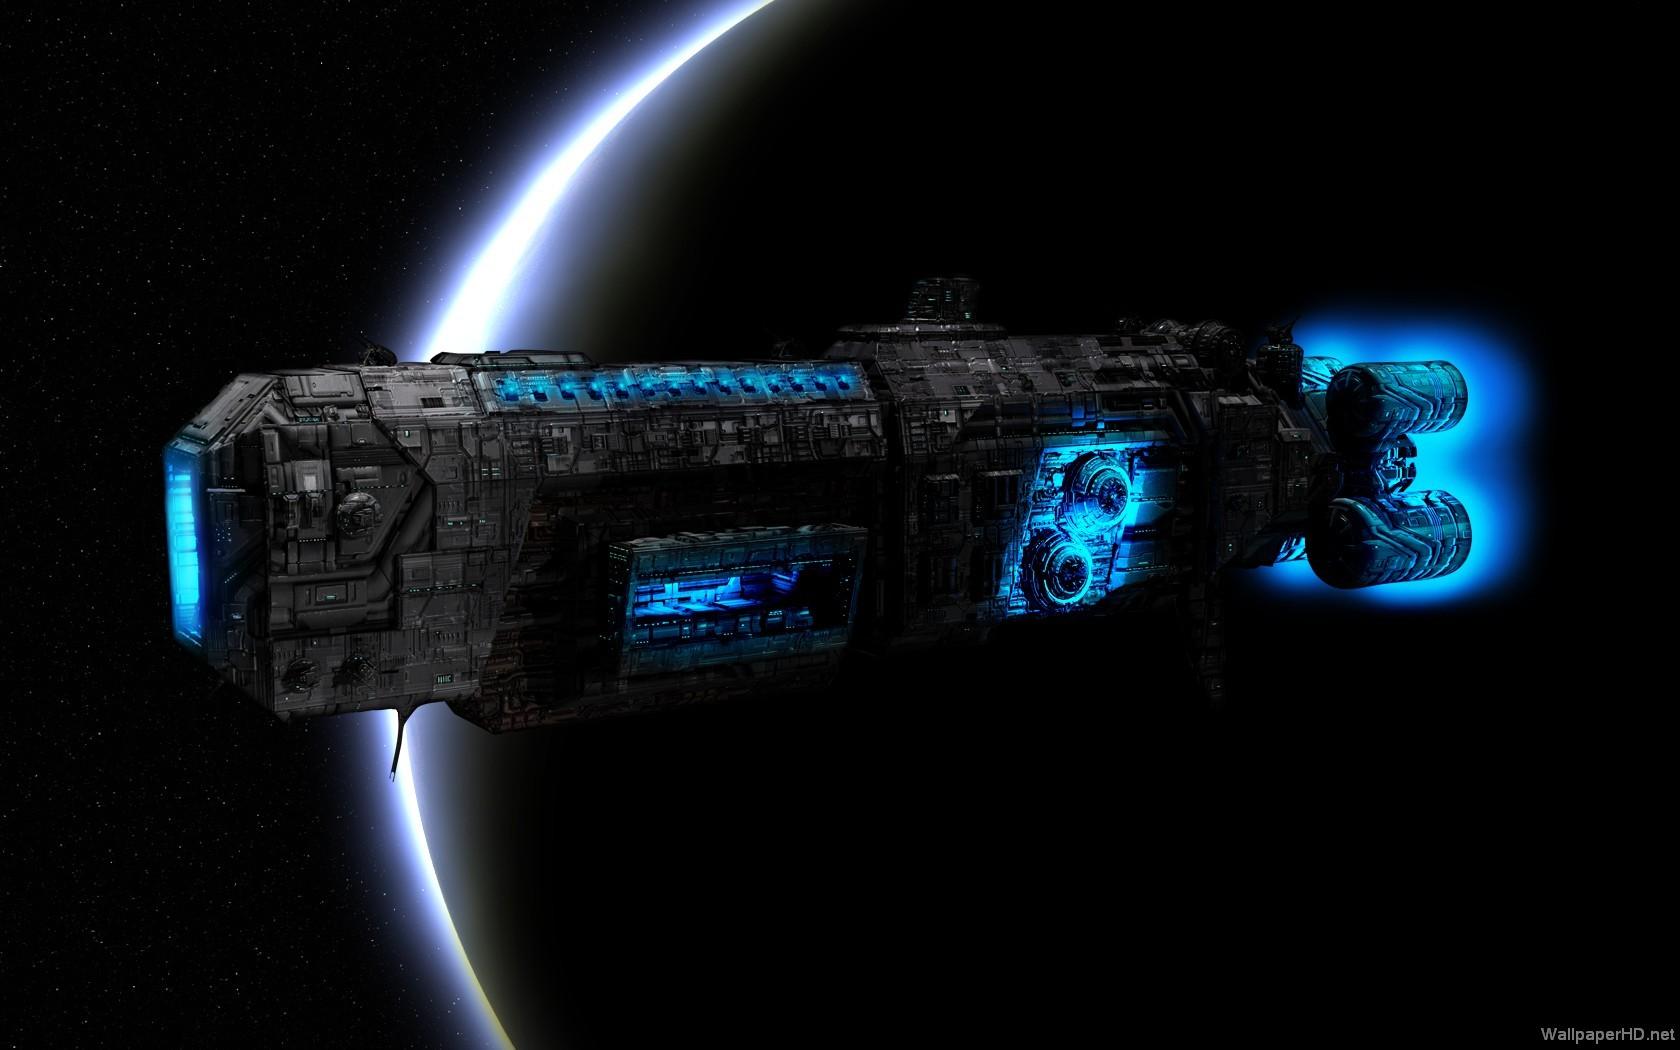 Sfondi desktop hd fantasy nave spaziale sfondi hd gratis for Sfondi hd spazio